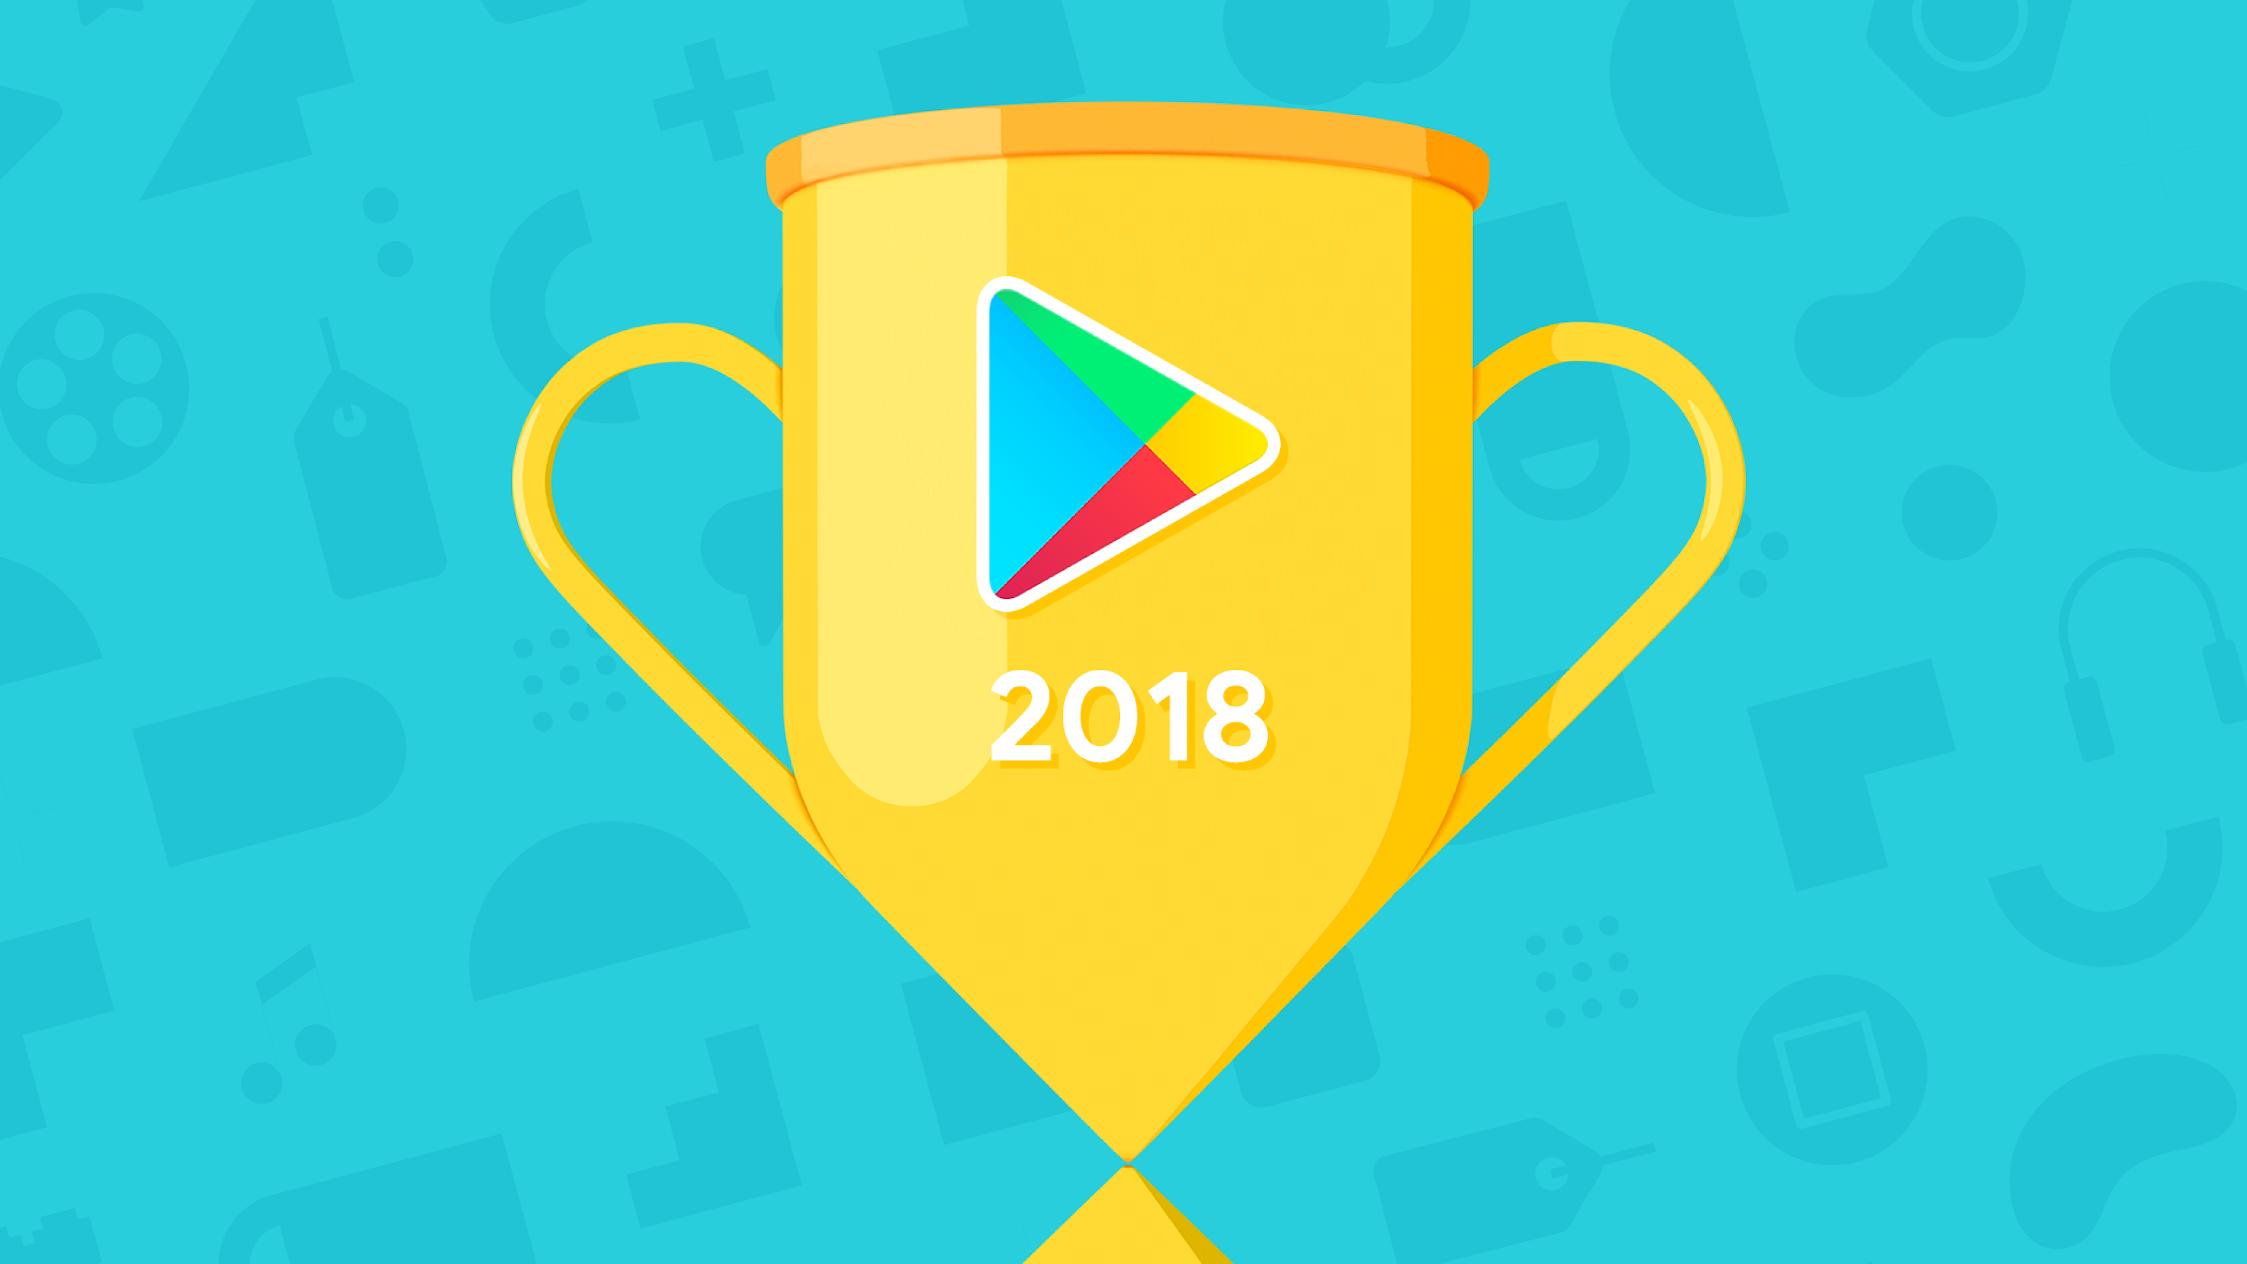 Best Apps of 2018